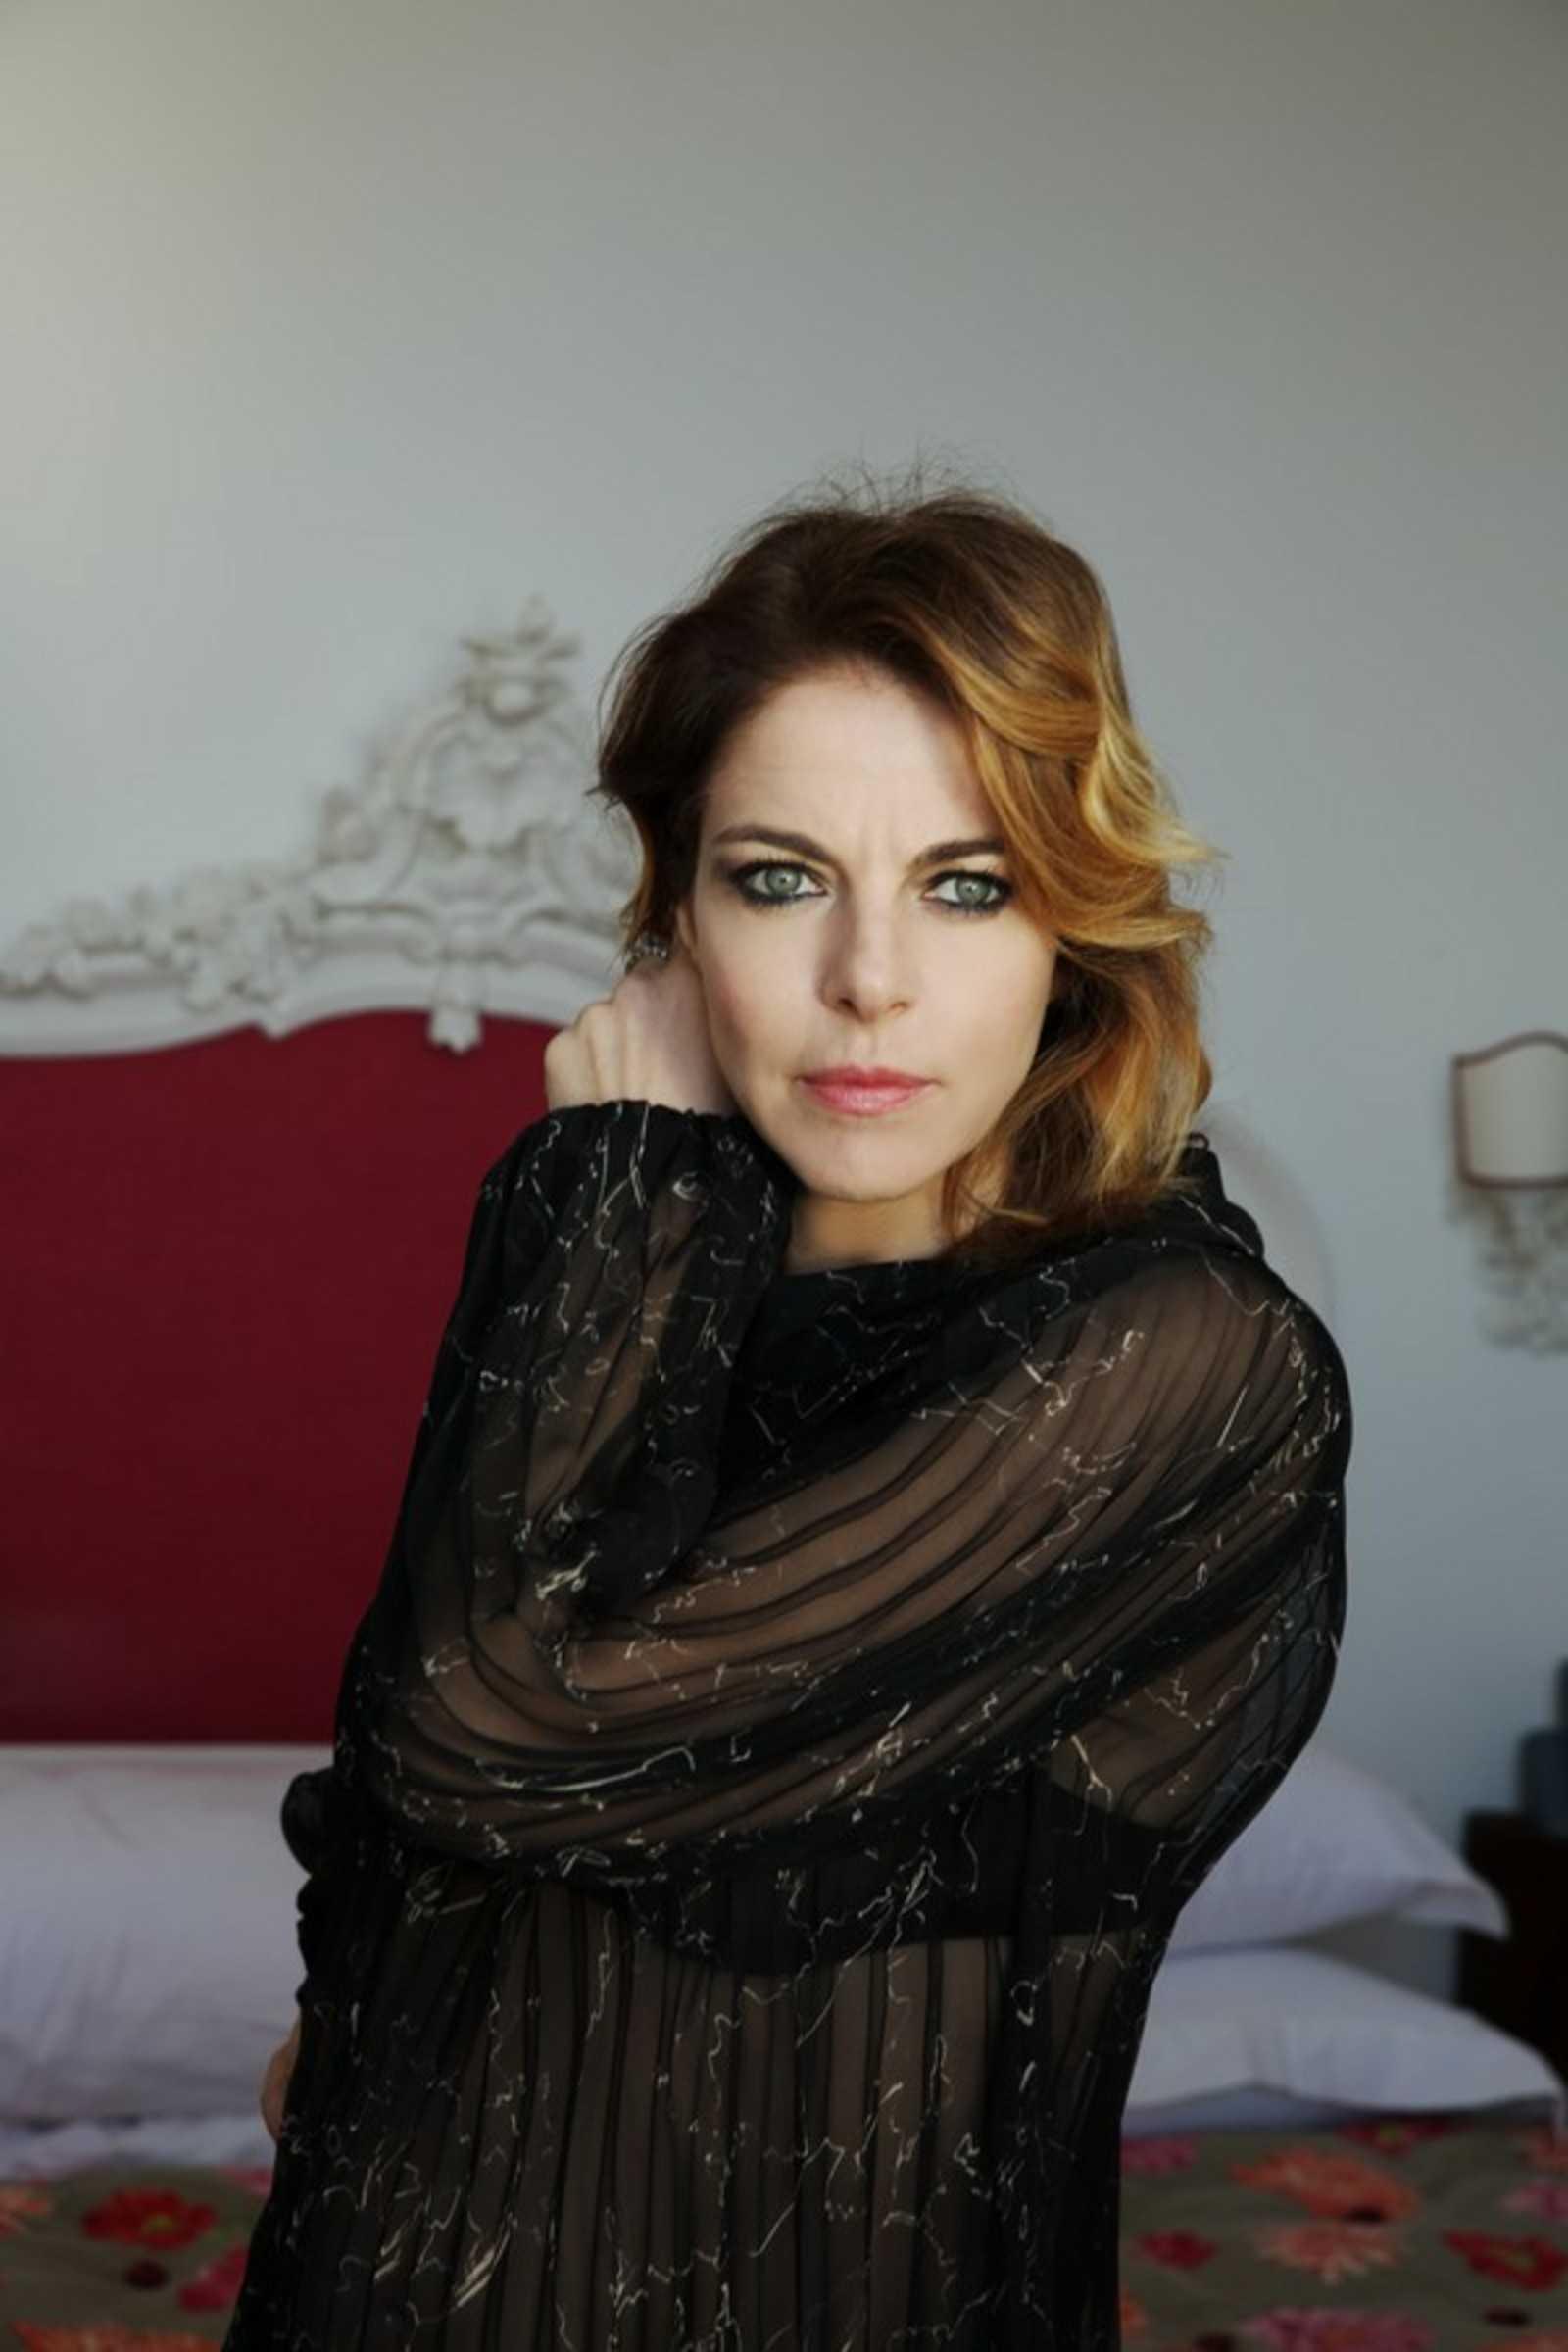 Claudia Gerini Taglio Capelli  2022